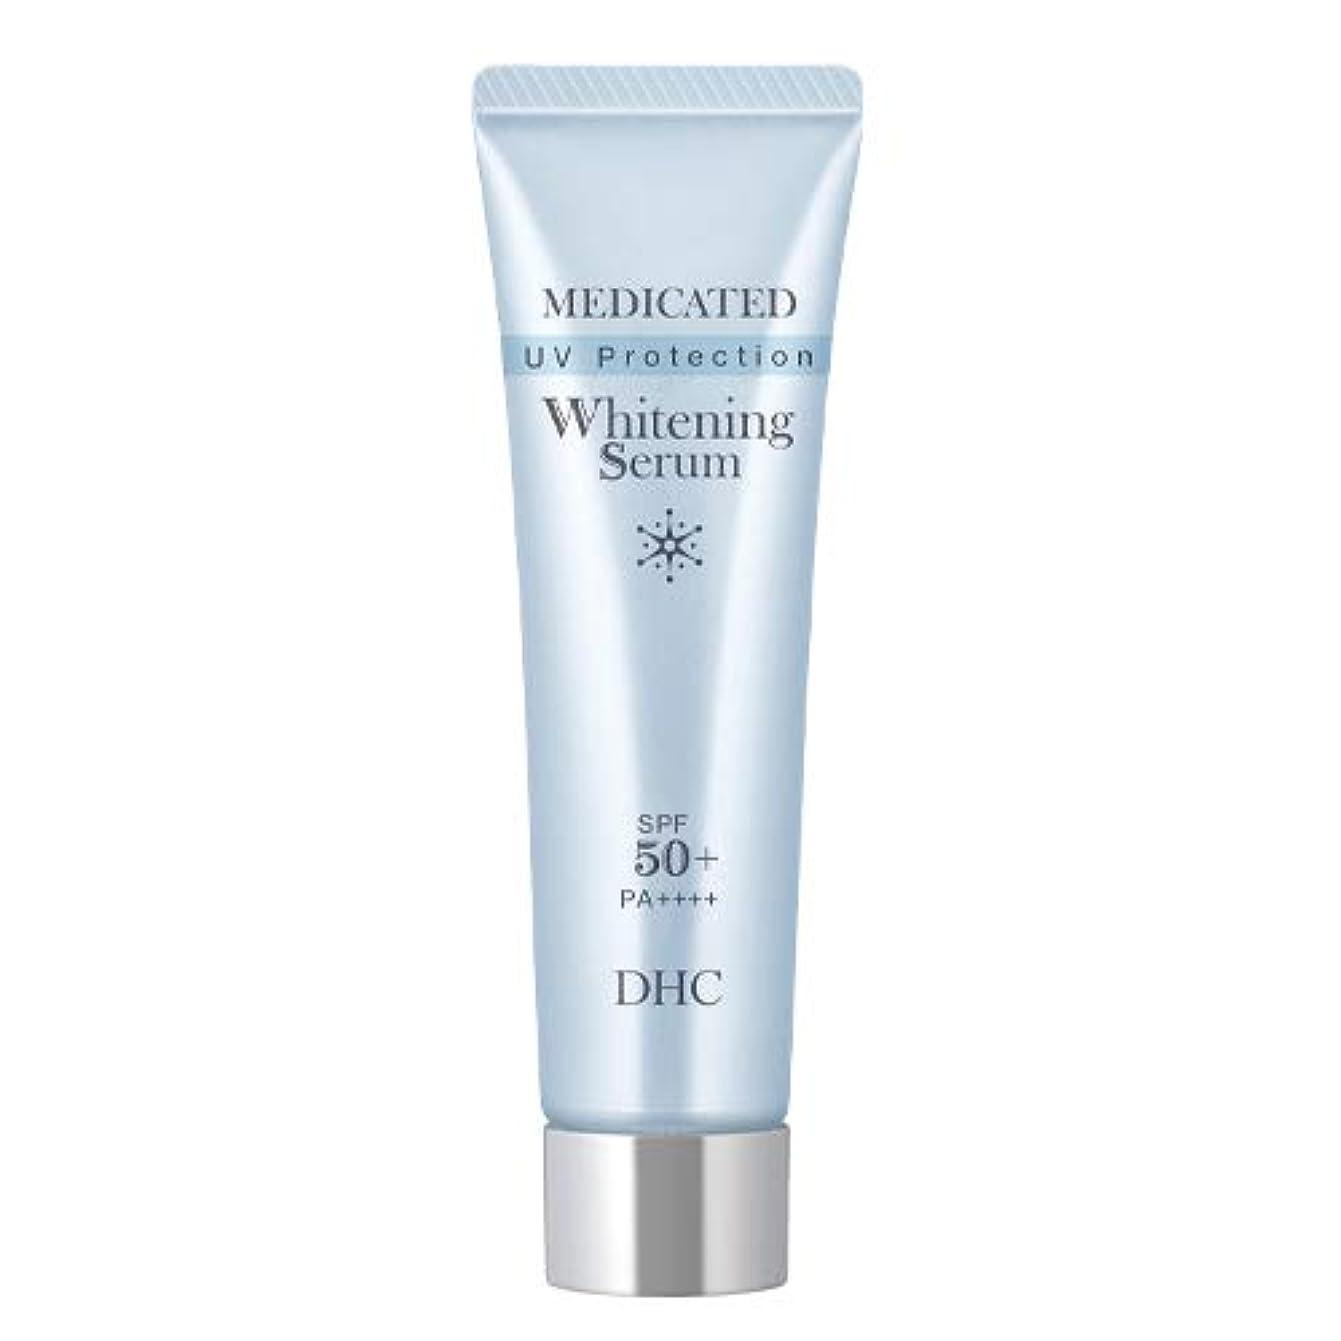 吸収粗い進化DHC薬用ホワイトニングセラム UV